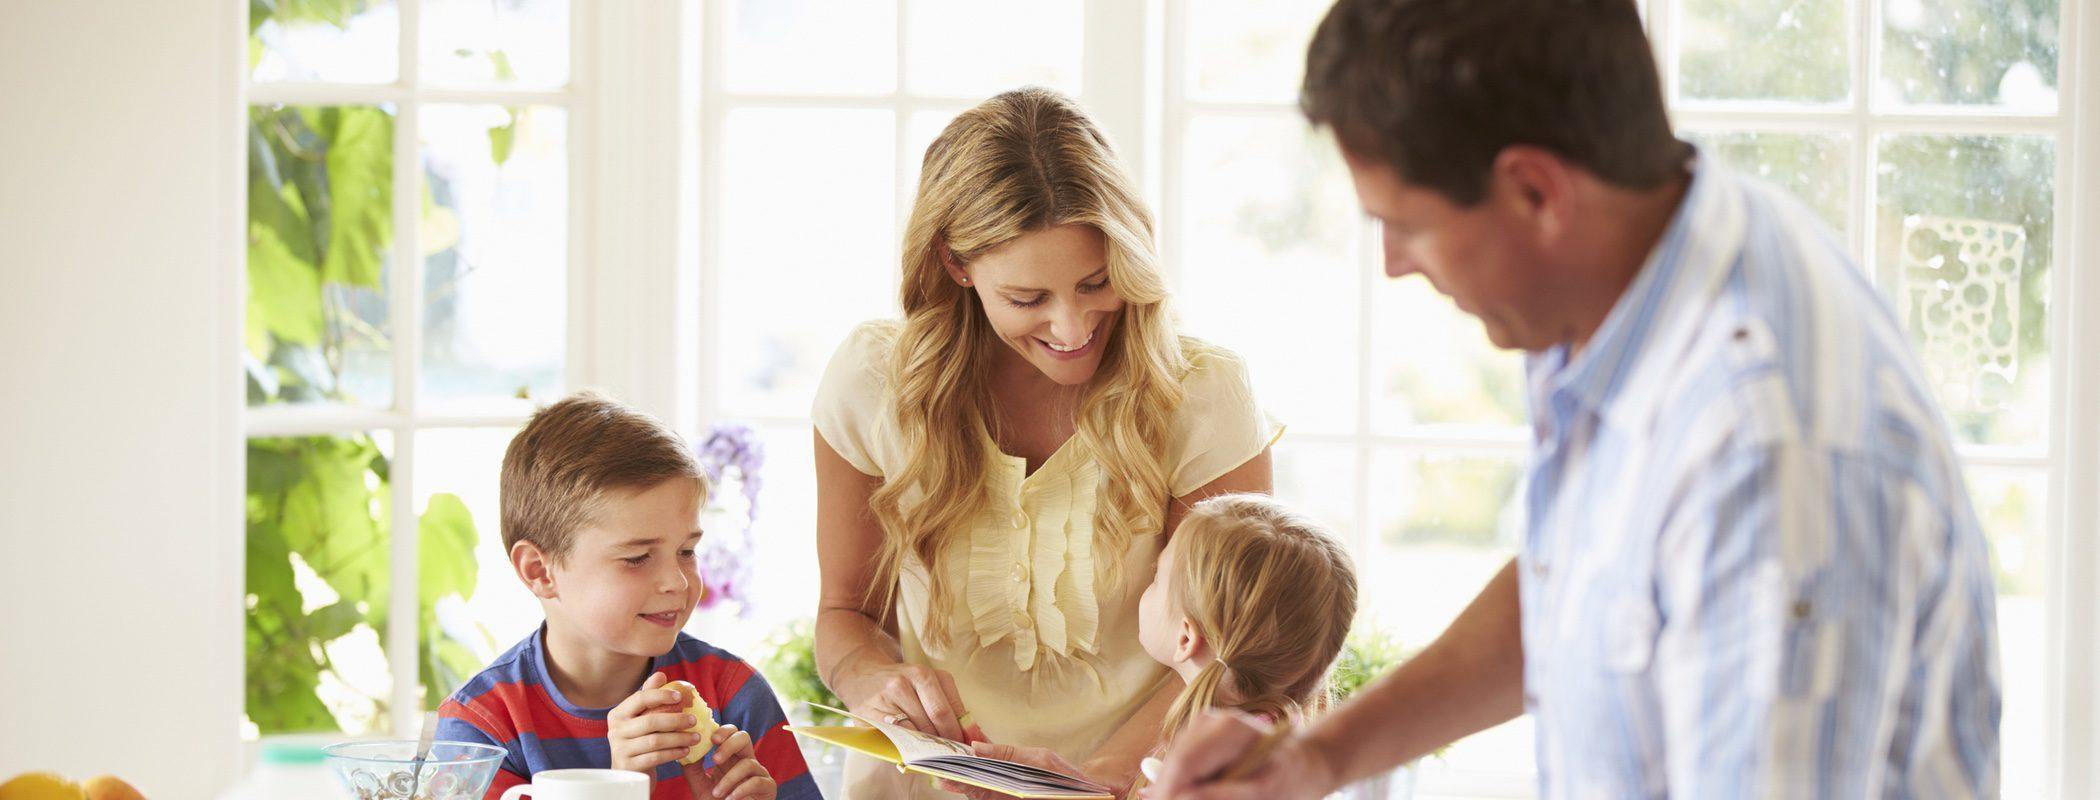 4 consejos para conseguir que tus hijos se lleven bien con tu pareja actual